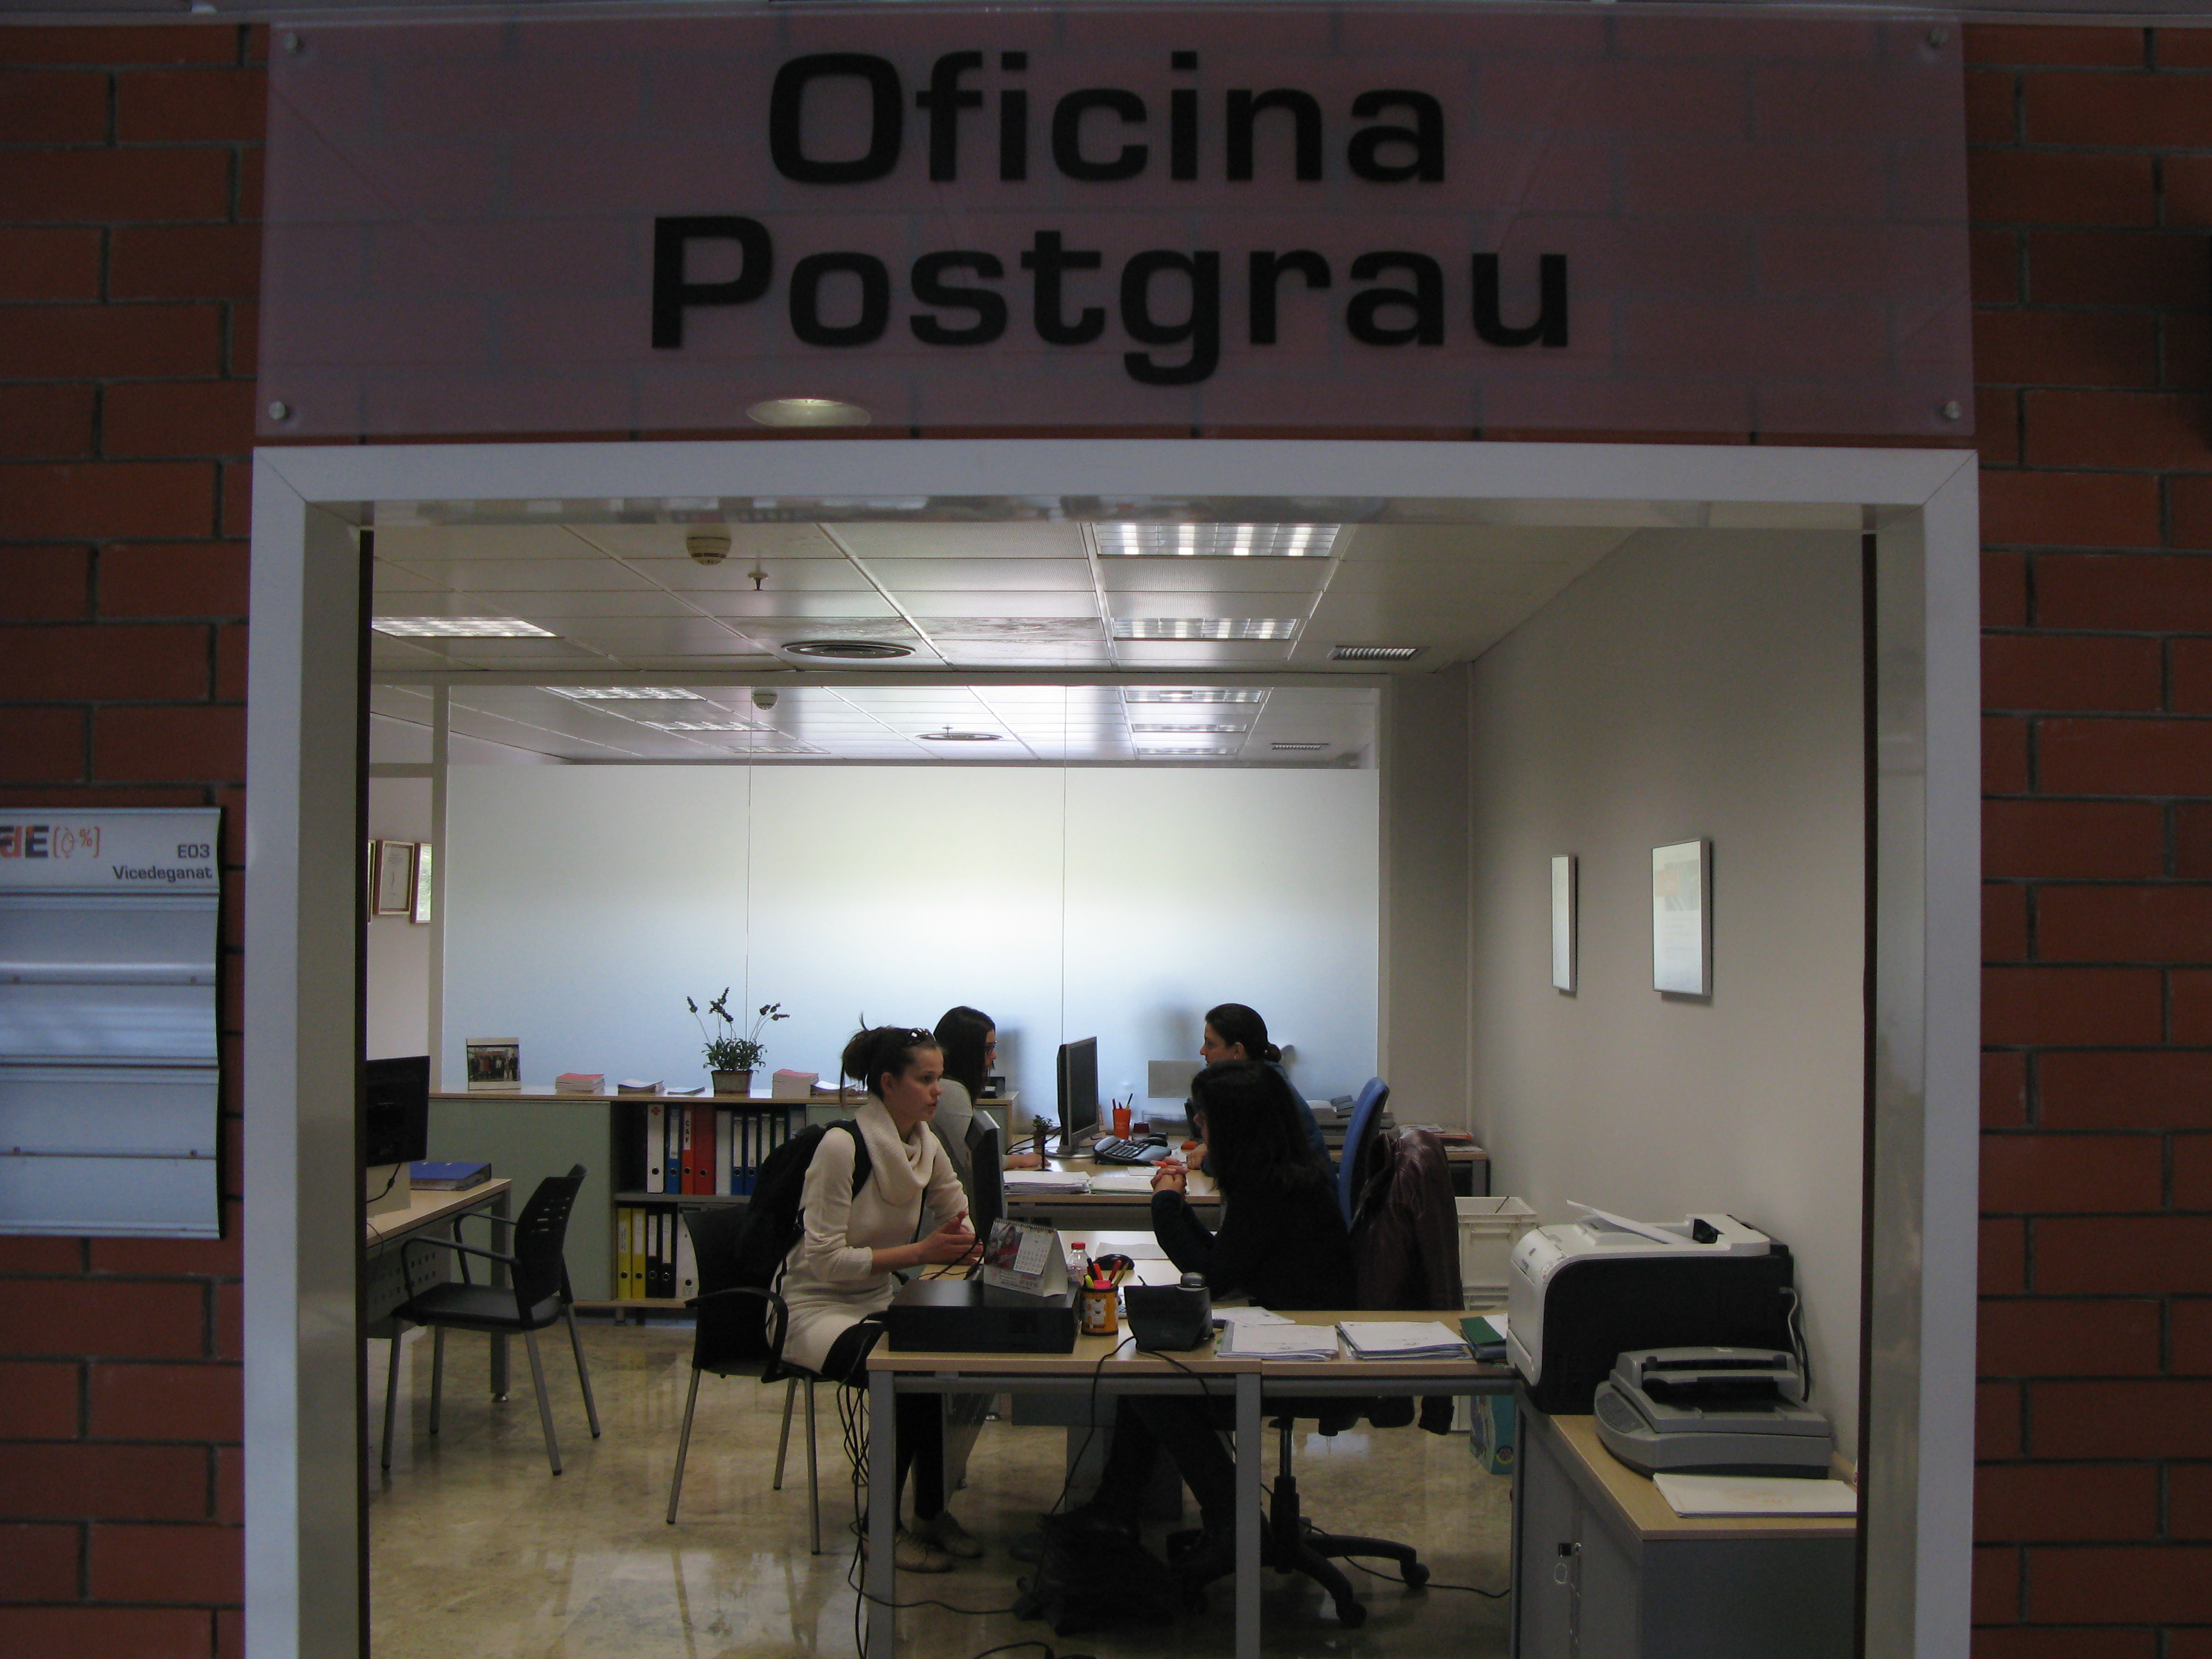 Nueva oficina de postgrado de la facultat d economia for Oficina de extranjeros valencia